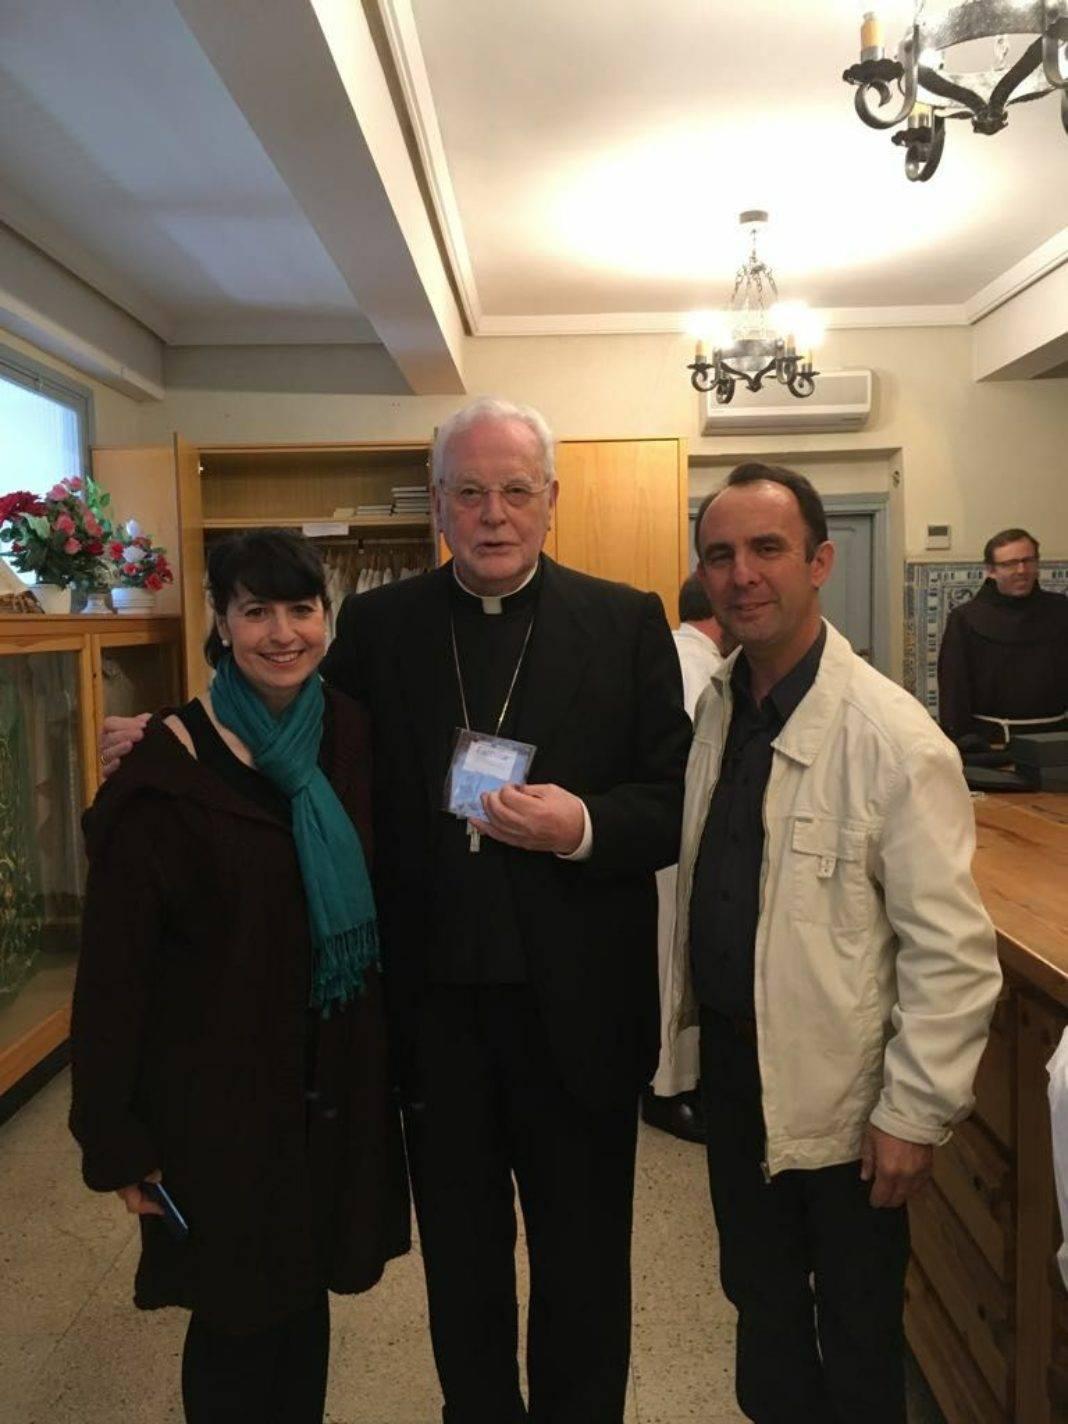 Concierto de Miguel y Mariavi, Cis Adar, en Daimiel 4